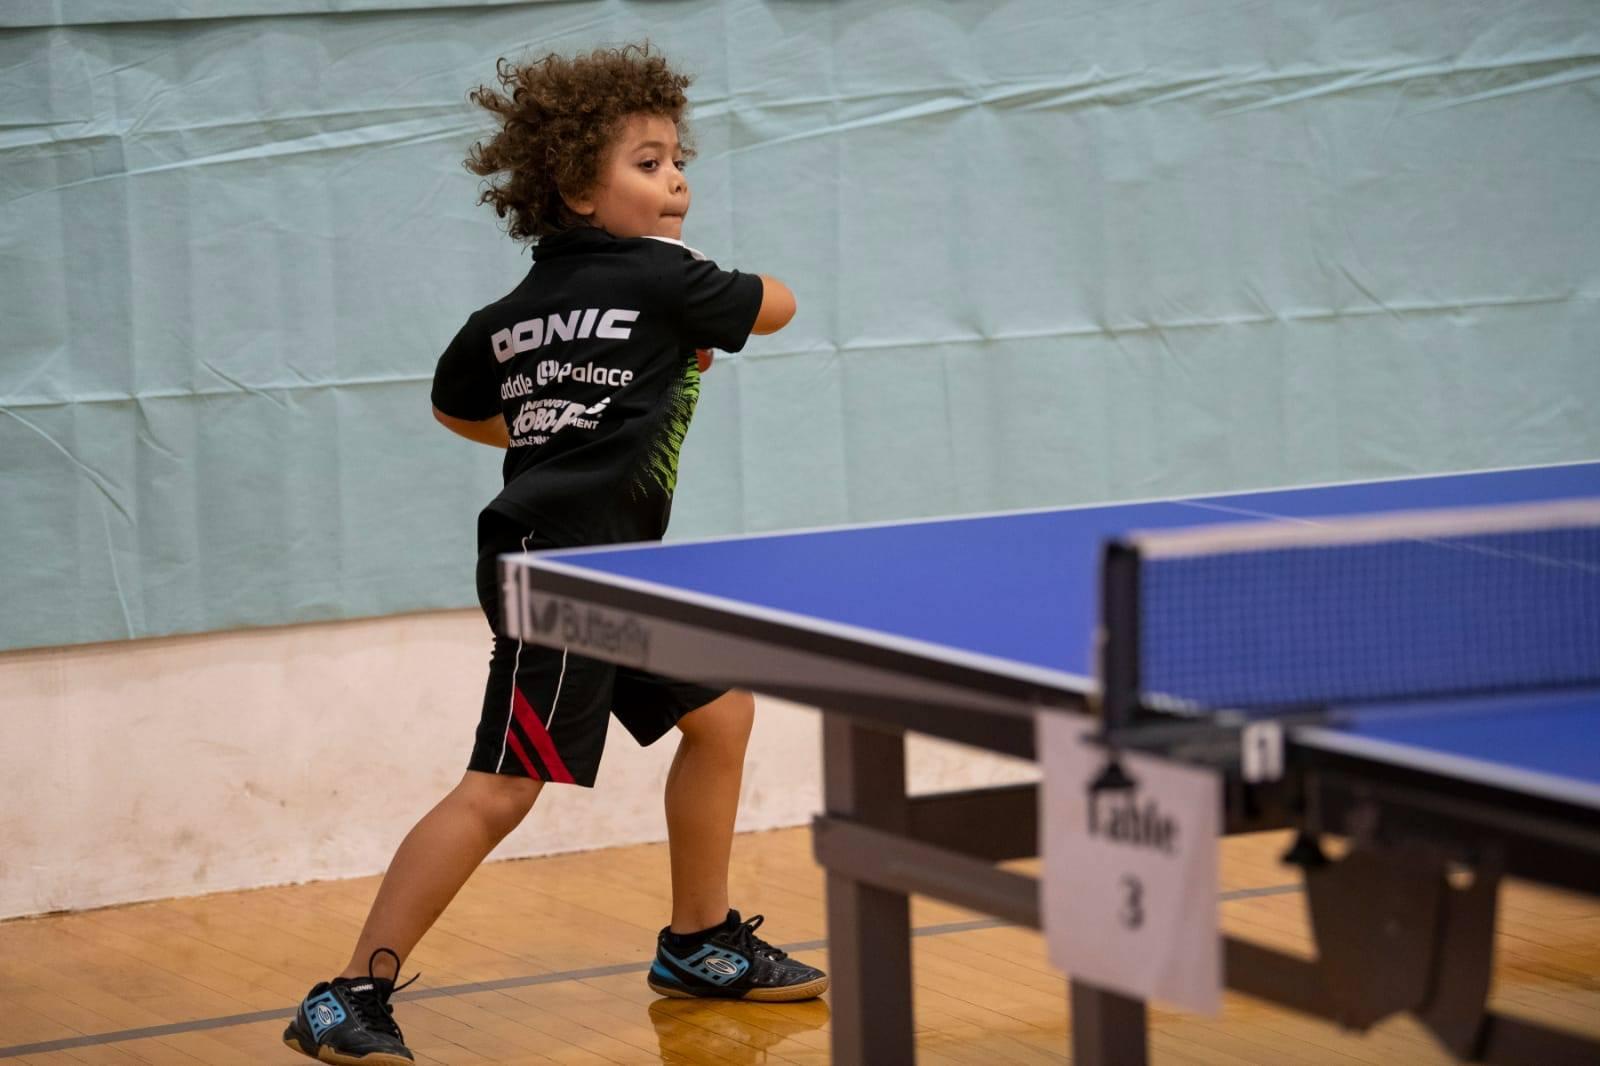 2018 C4NC NY Table Tennis Open